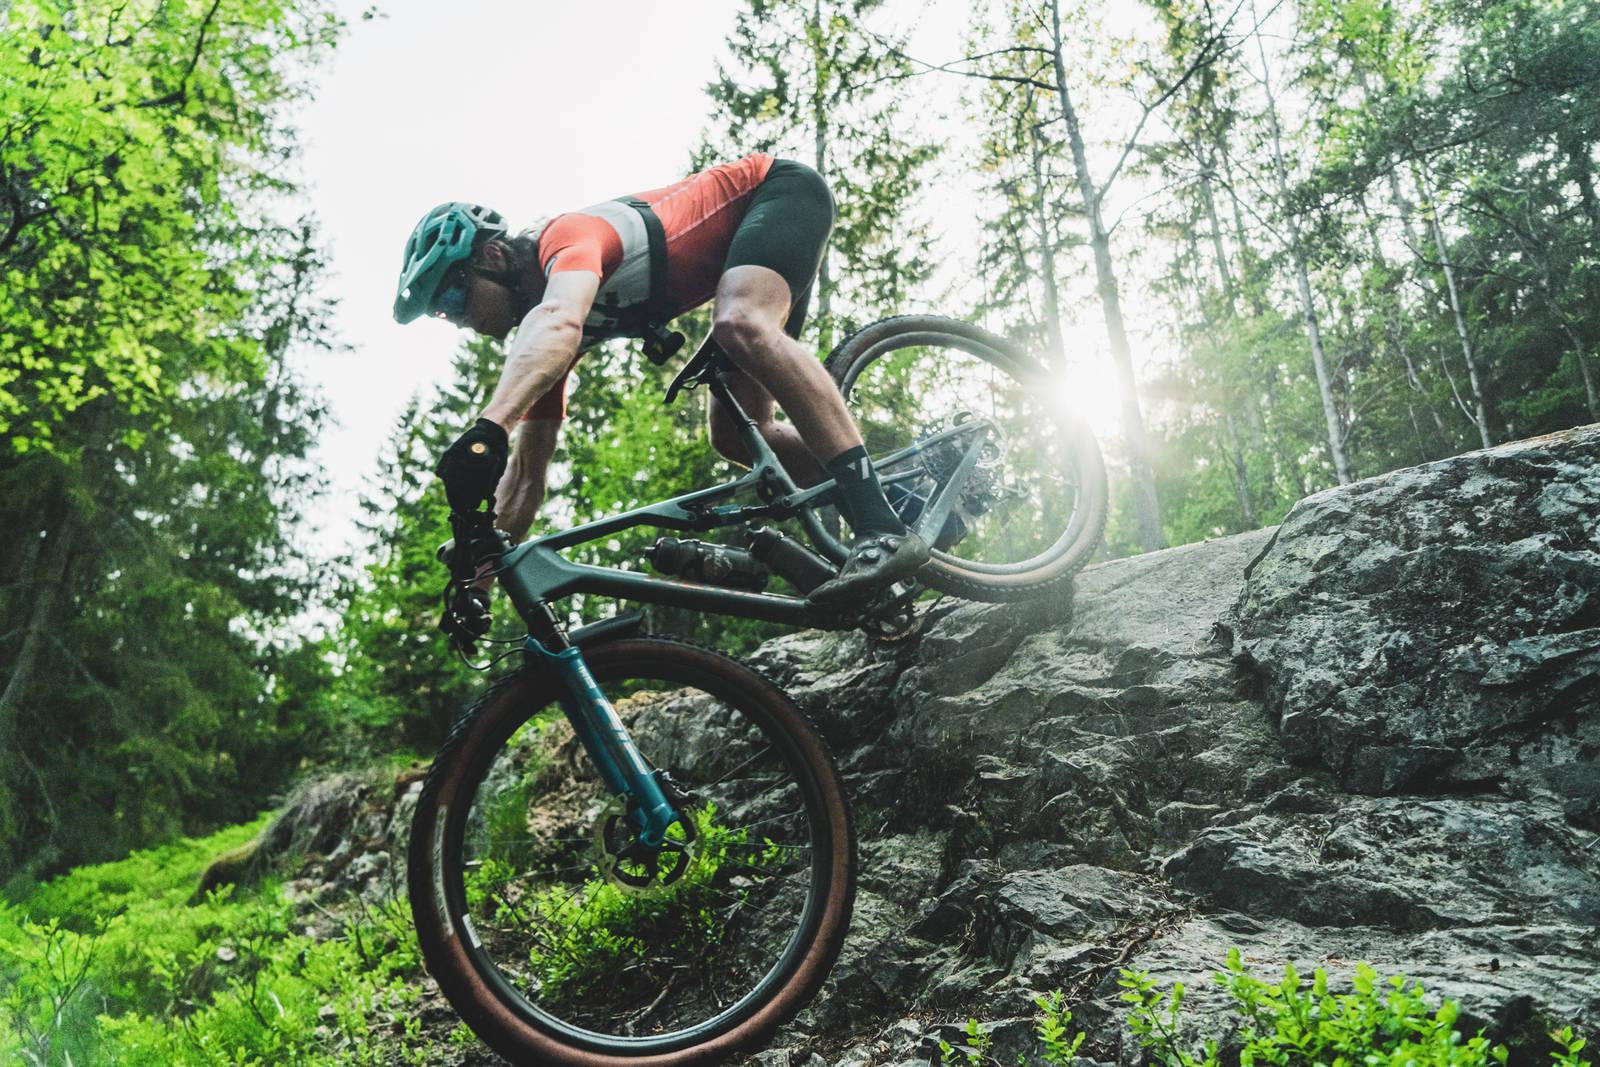 Nordmarka byr på mye - blant annet utfordrende sykling for drevne syklister som Simon Johansson. Bilde: Christian Nerdrum